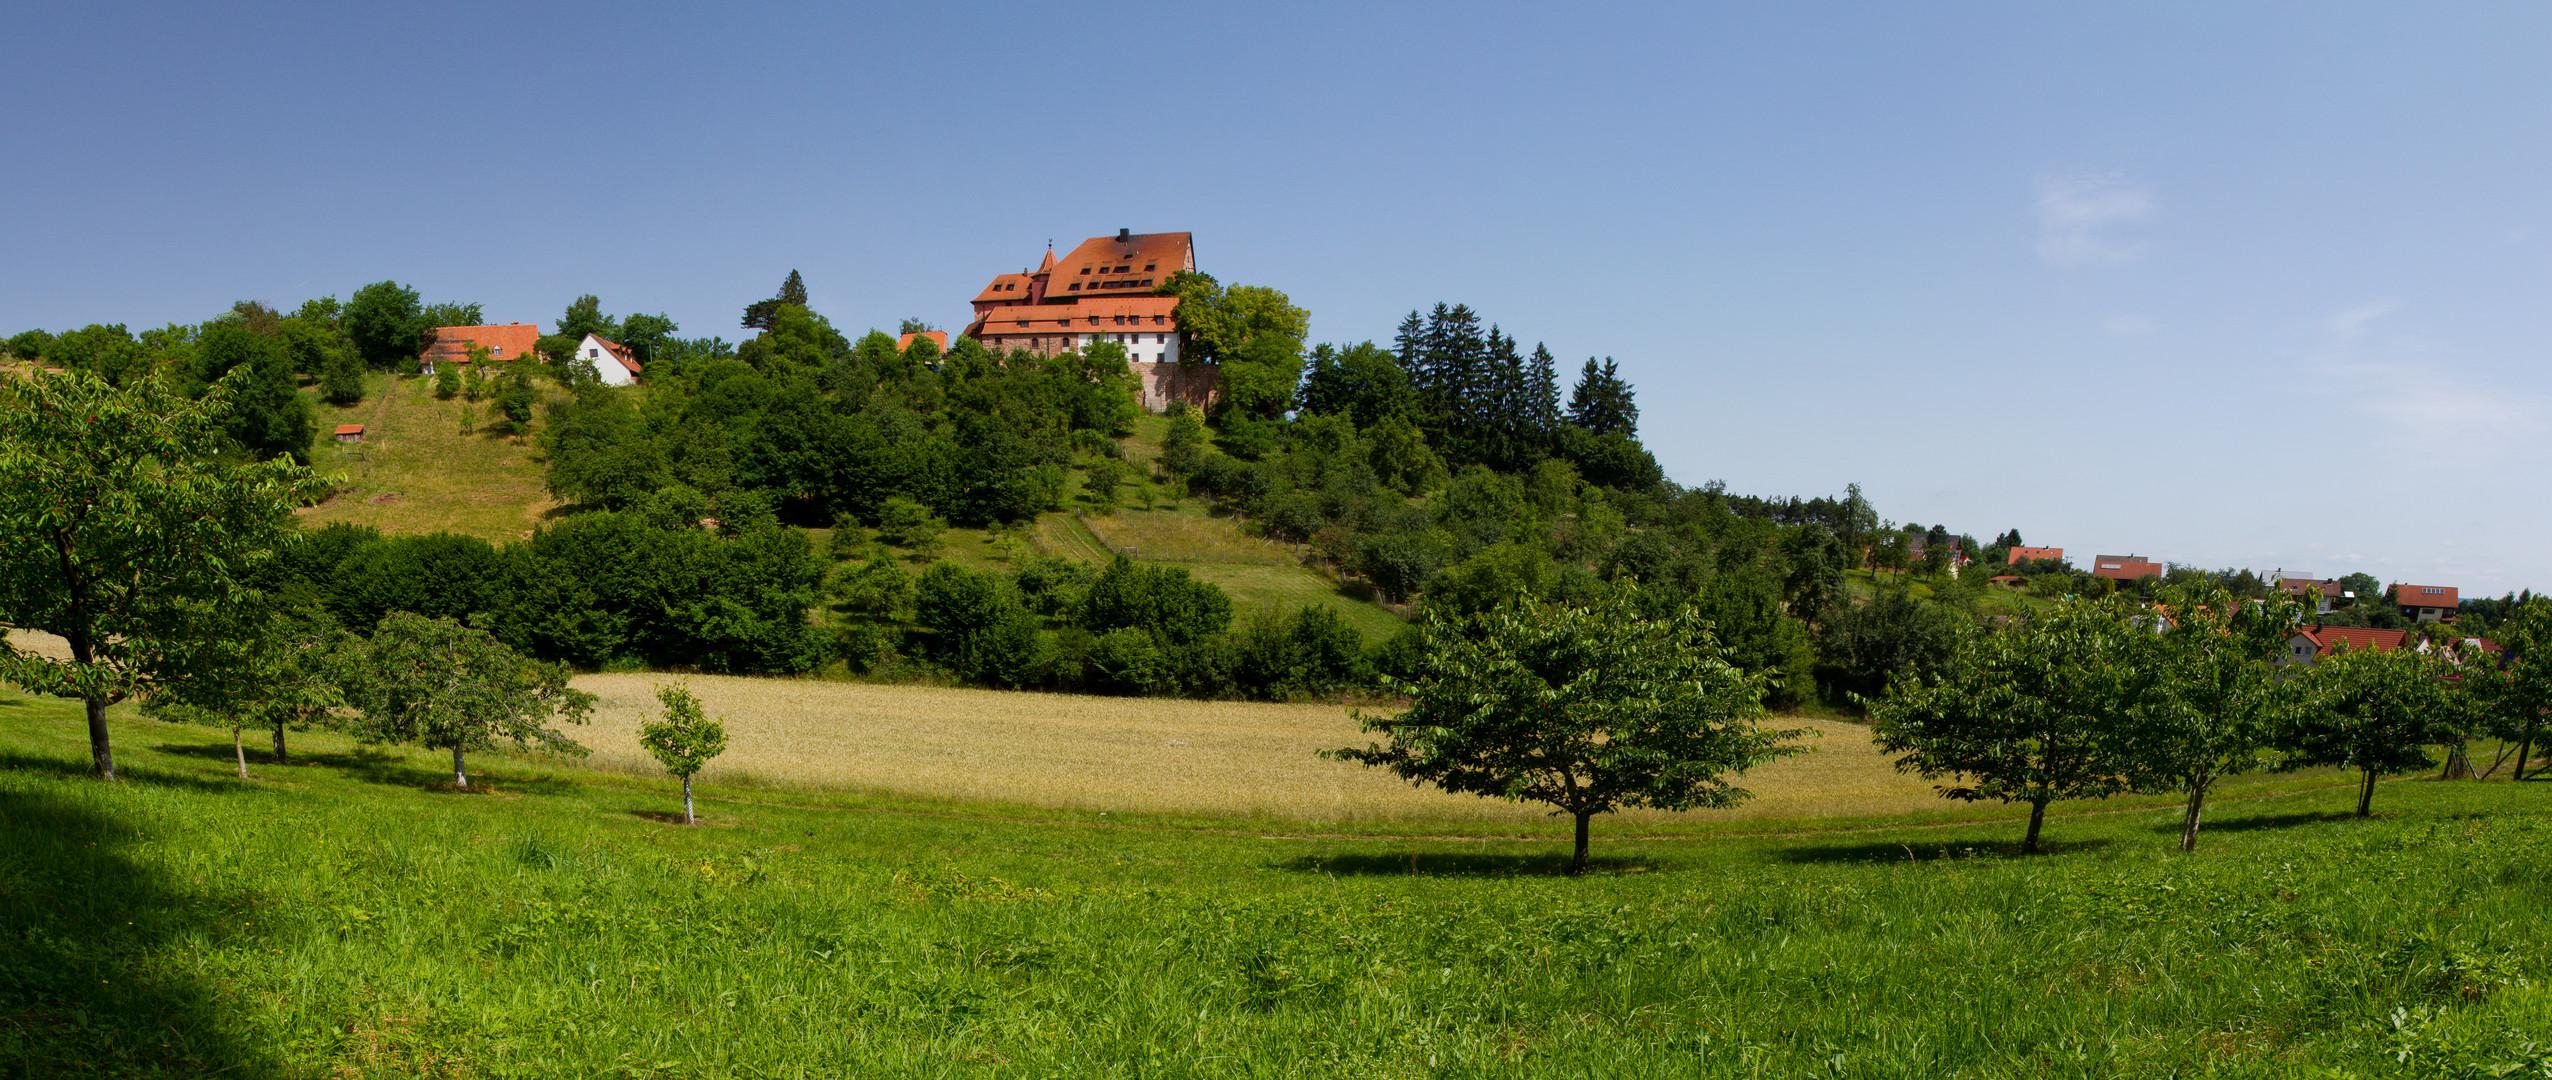 Burg Wernfels Impressionen (2)